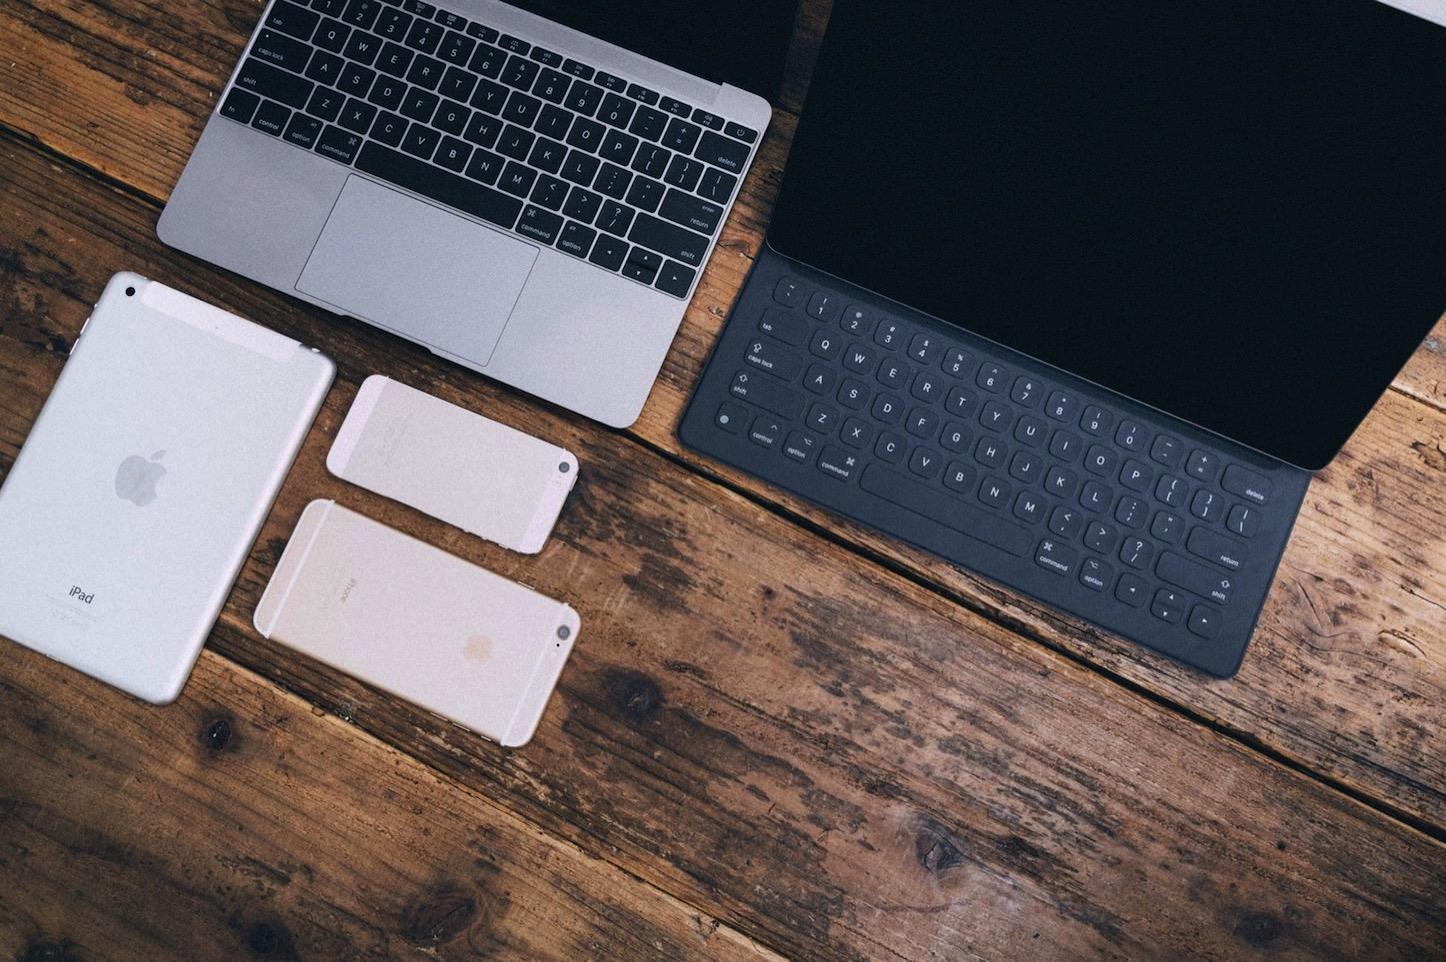 Macbooks and iphones